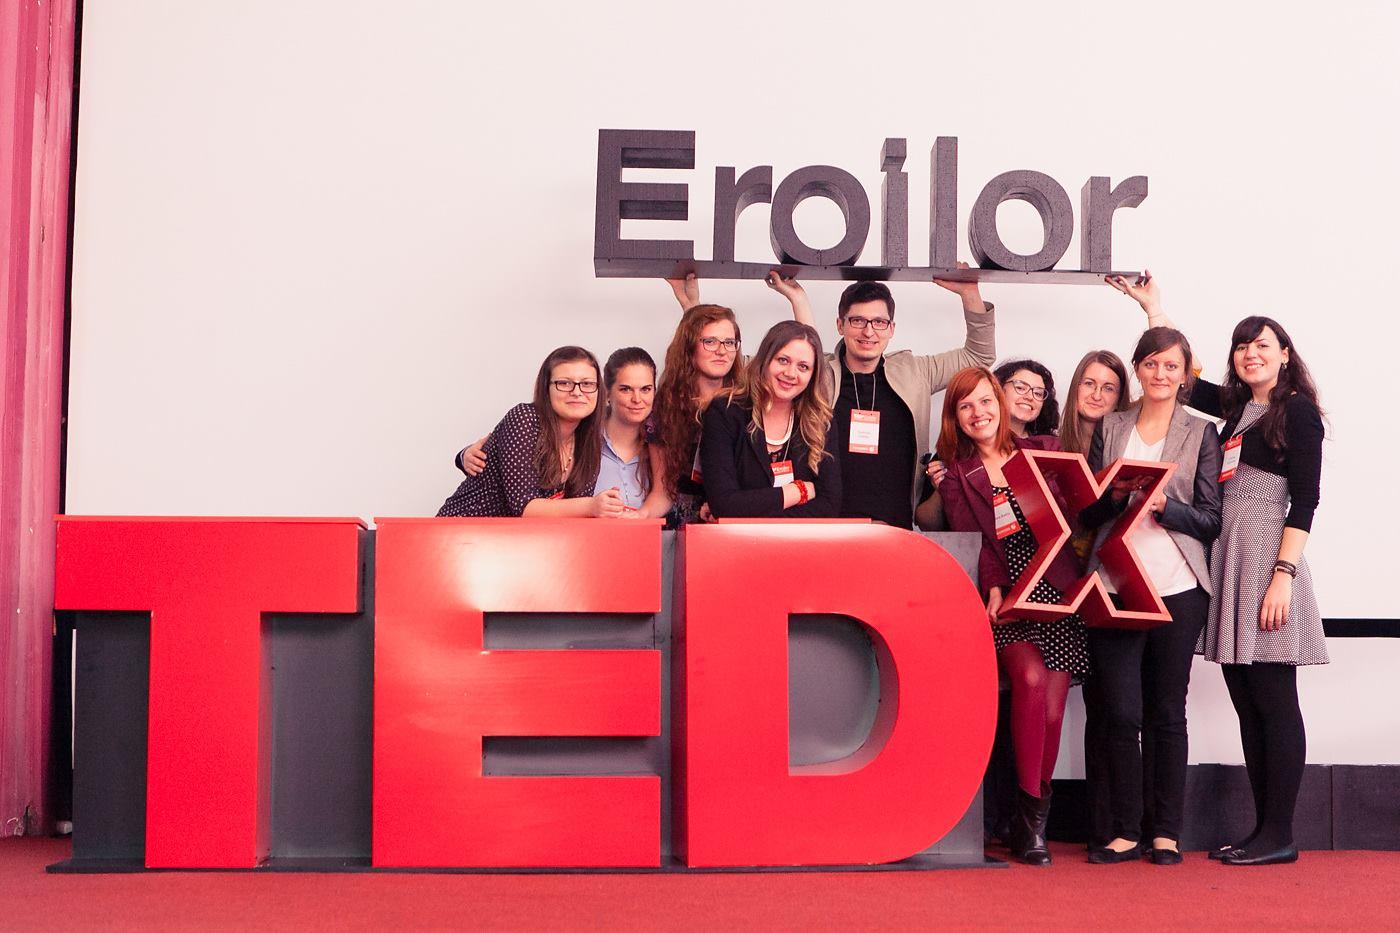 Inspiraţie. Marca TEDxEroilor